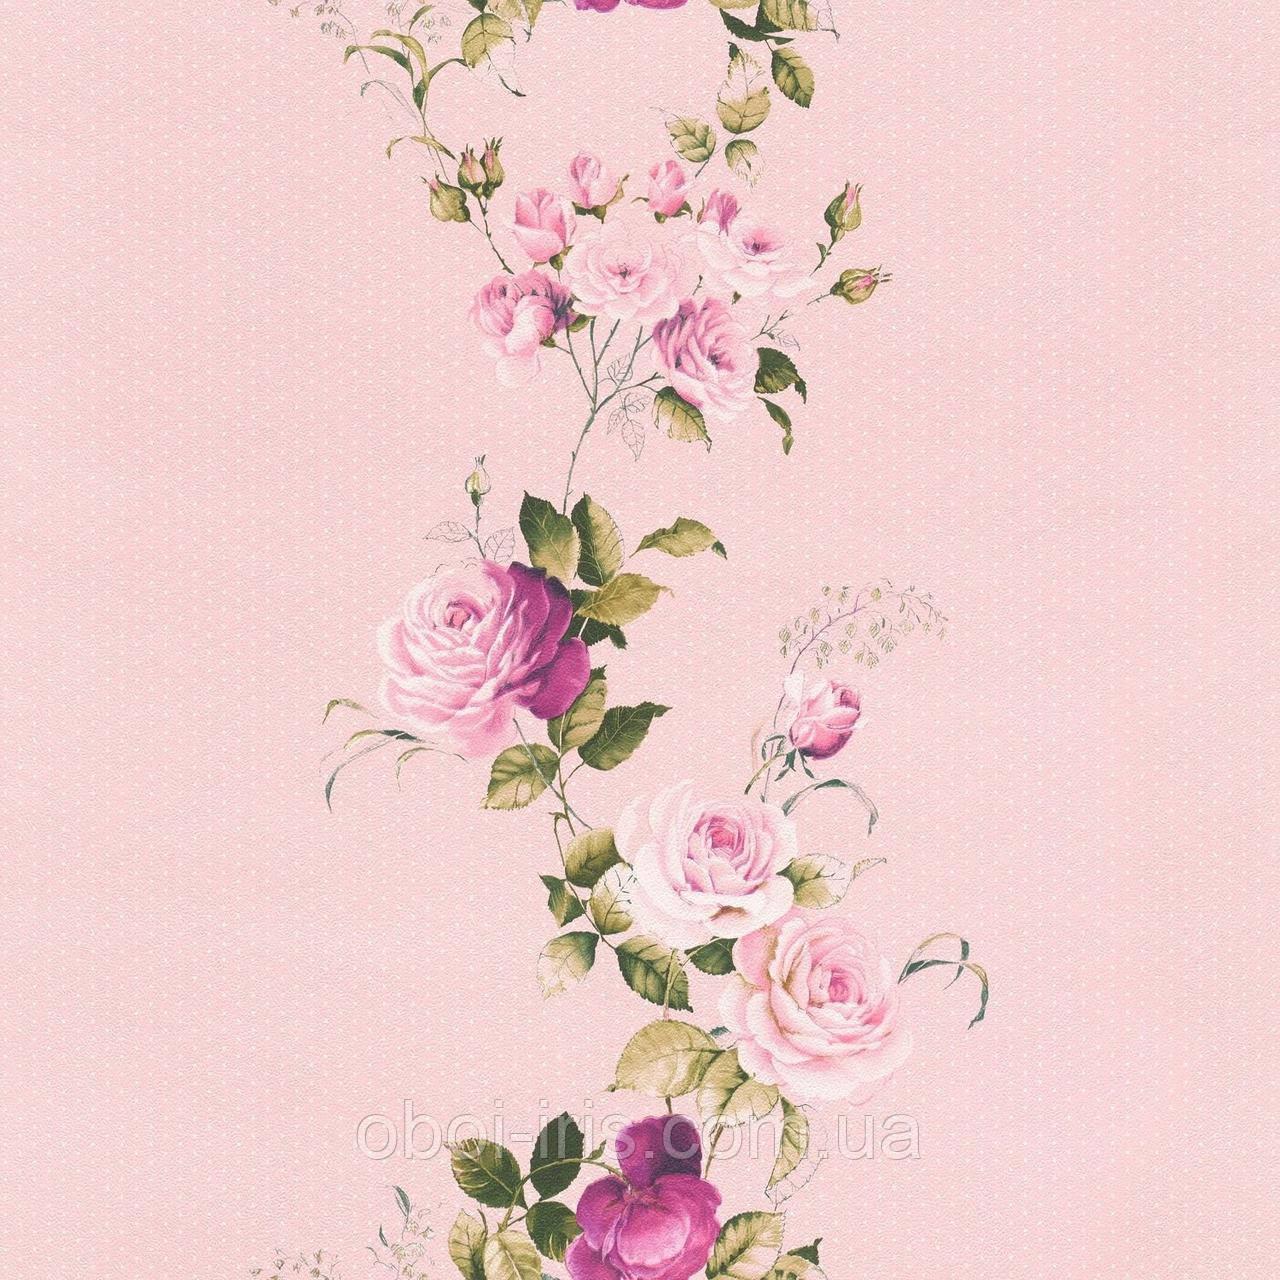 289076 обои Petite Fleur 4 Rasch Textil Германия виниловые на флизелиновой основе 0,53*10,05м